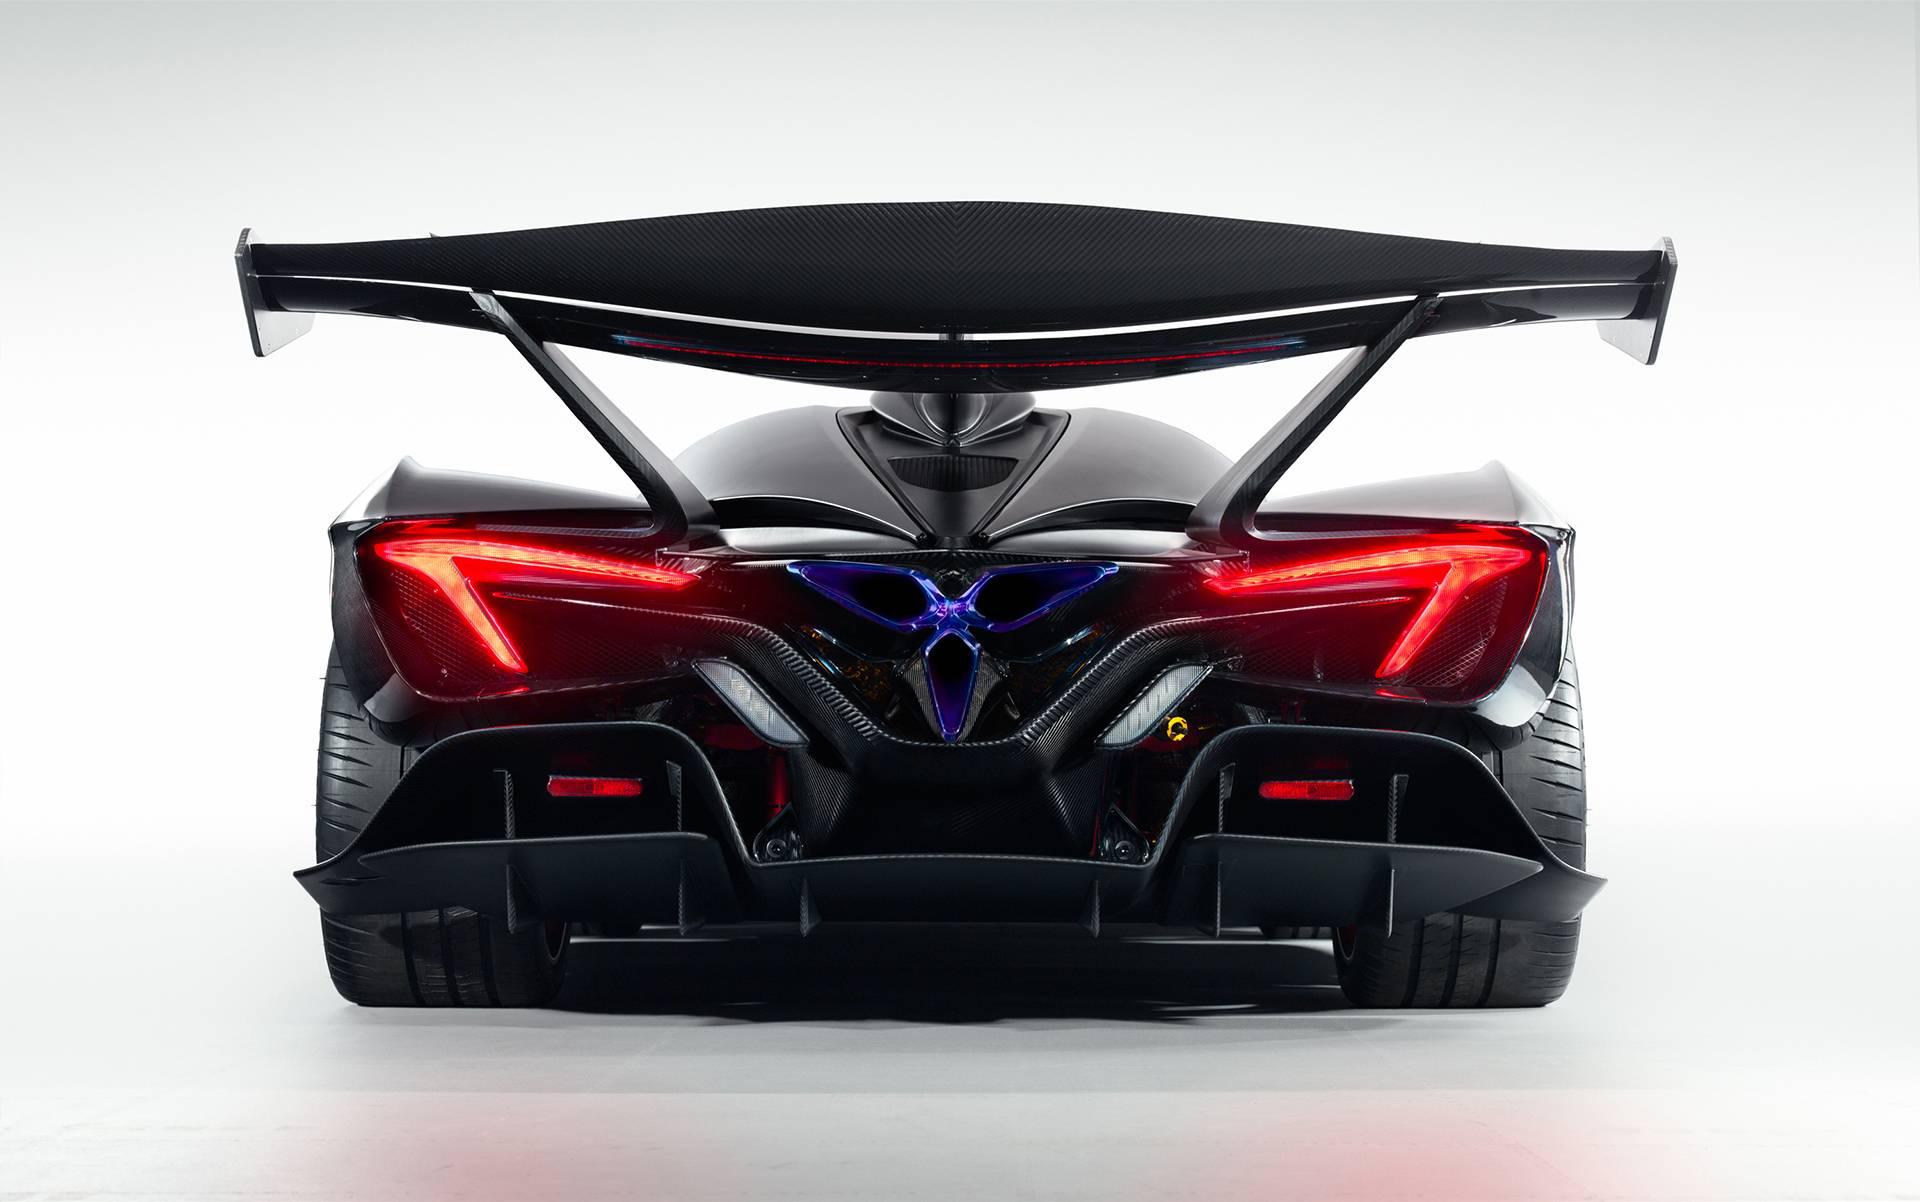 Как и проект SCG003, Apollo Intense Emozione является проектом Manifattura Automobili Torino. Компания построила кокпит из карбона, который лежит в основе Apollo. Он включает передний и задний подрамники из карбона. Вся платформа весит всего 105 кг,